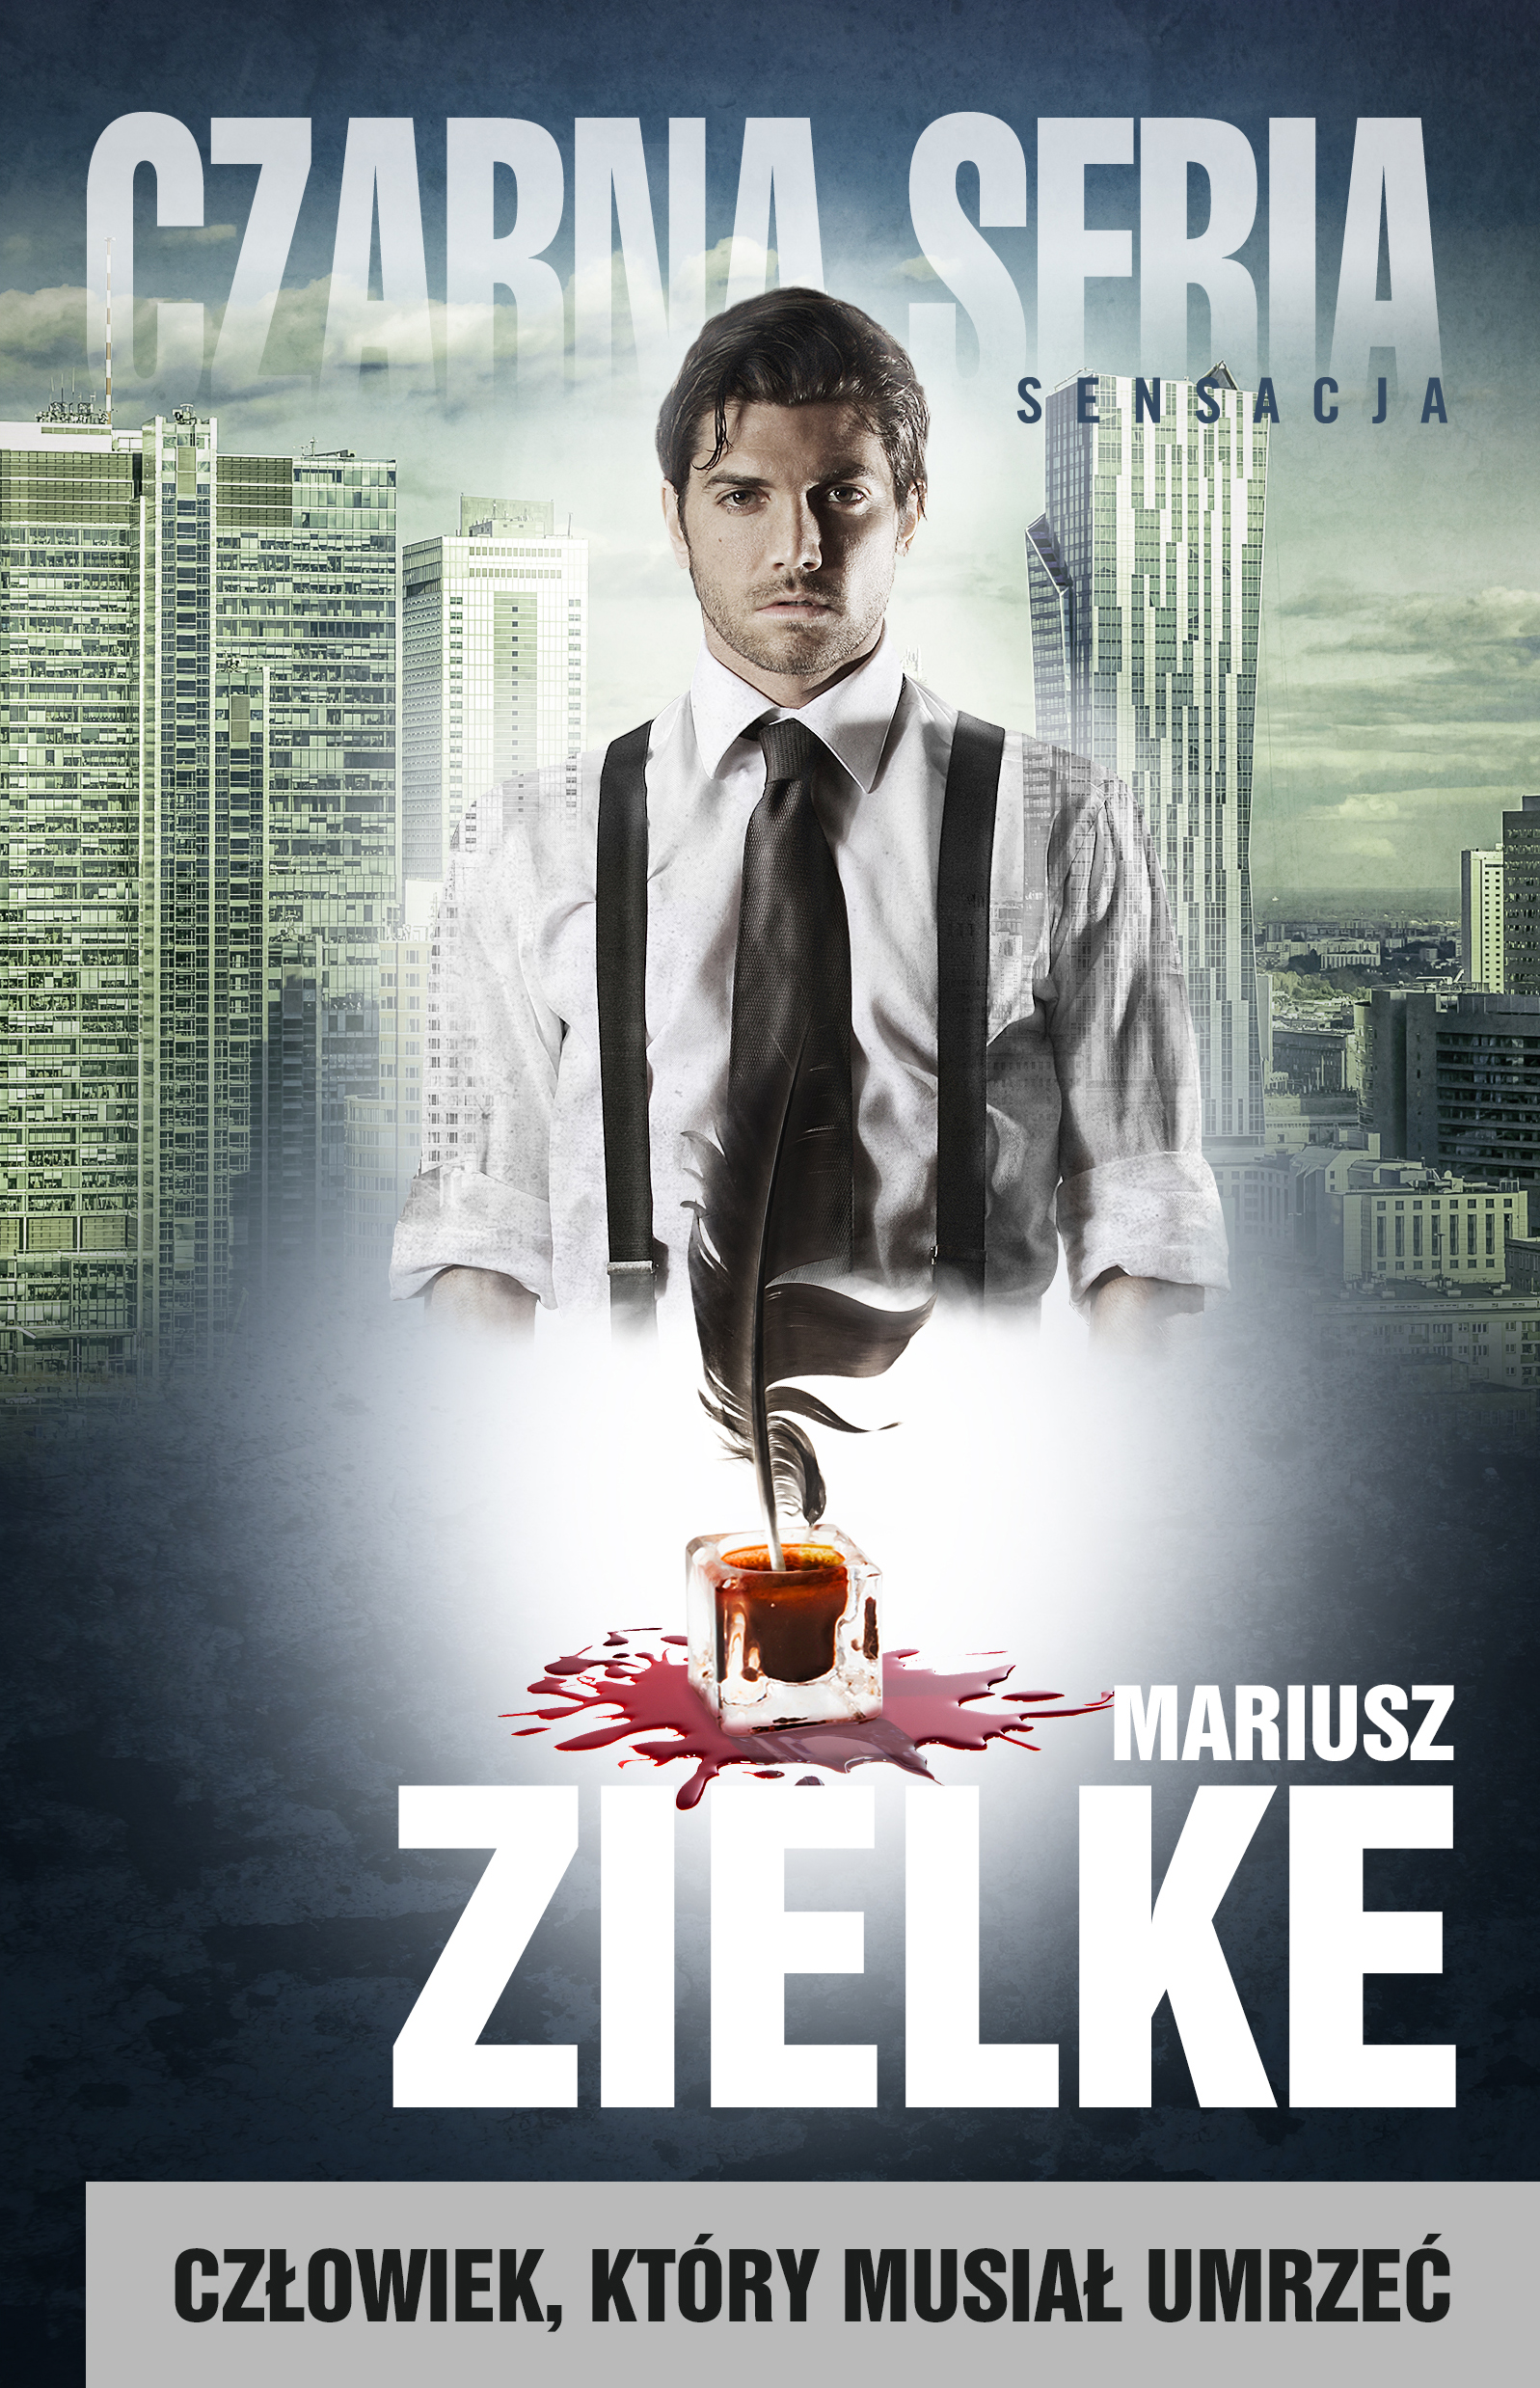 Mariusz Zielke - Człowiek, który musiał umrzeć (okładka)